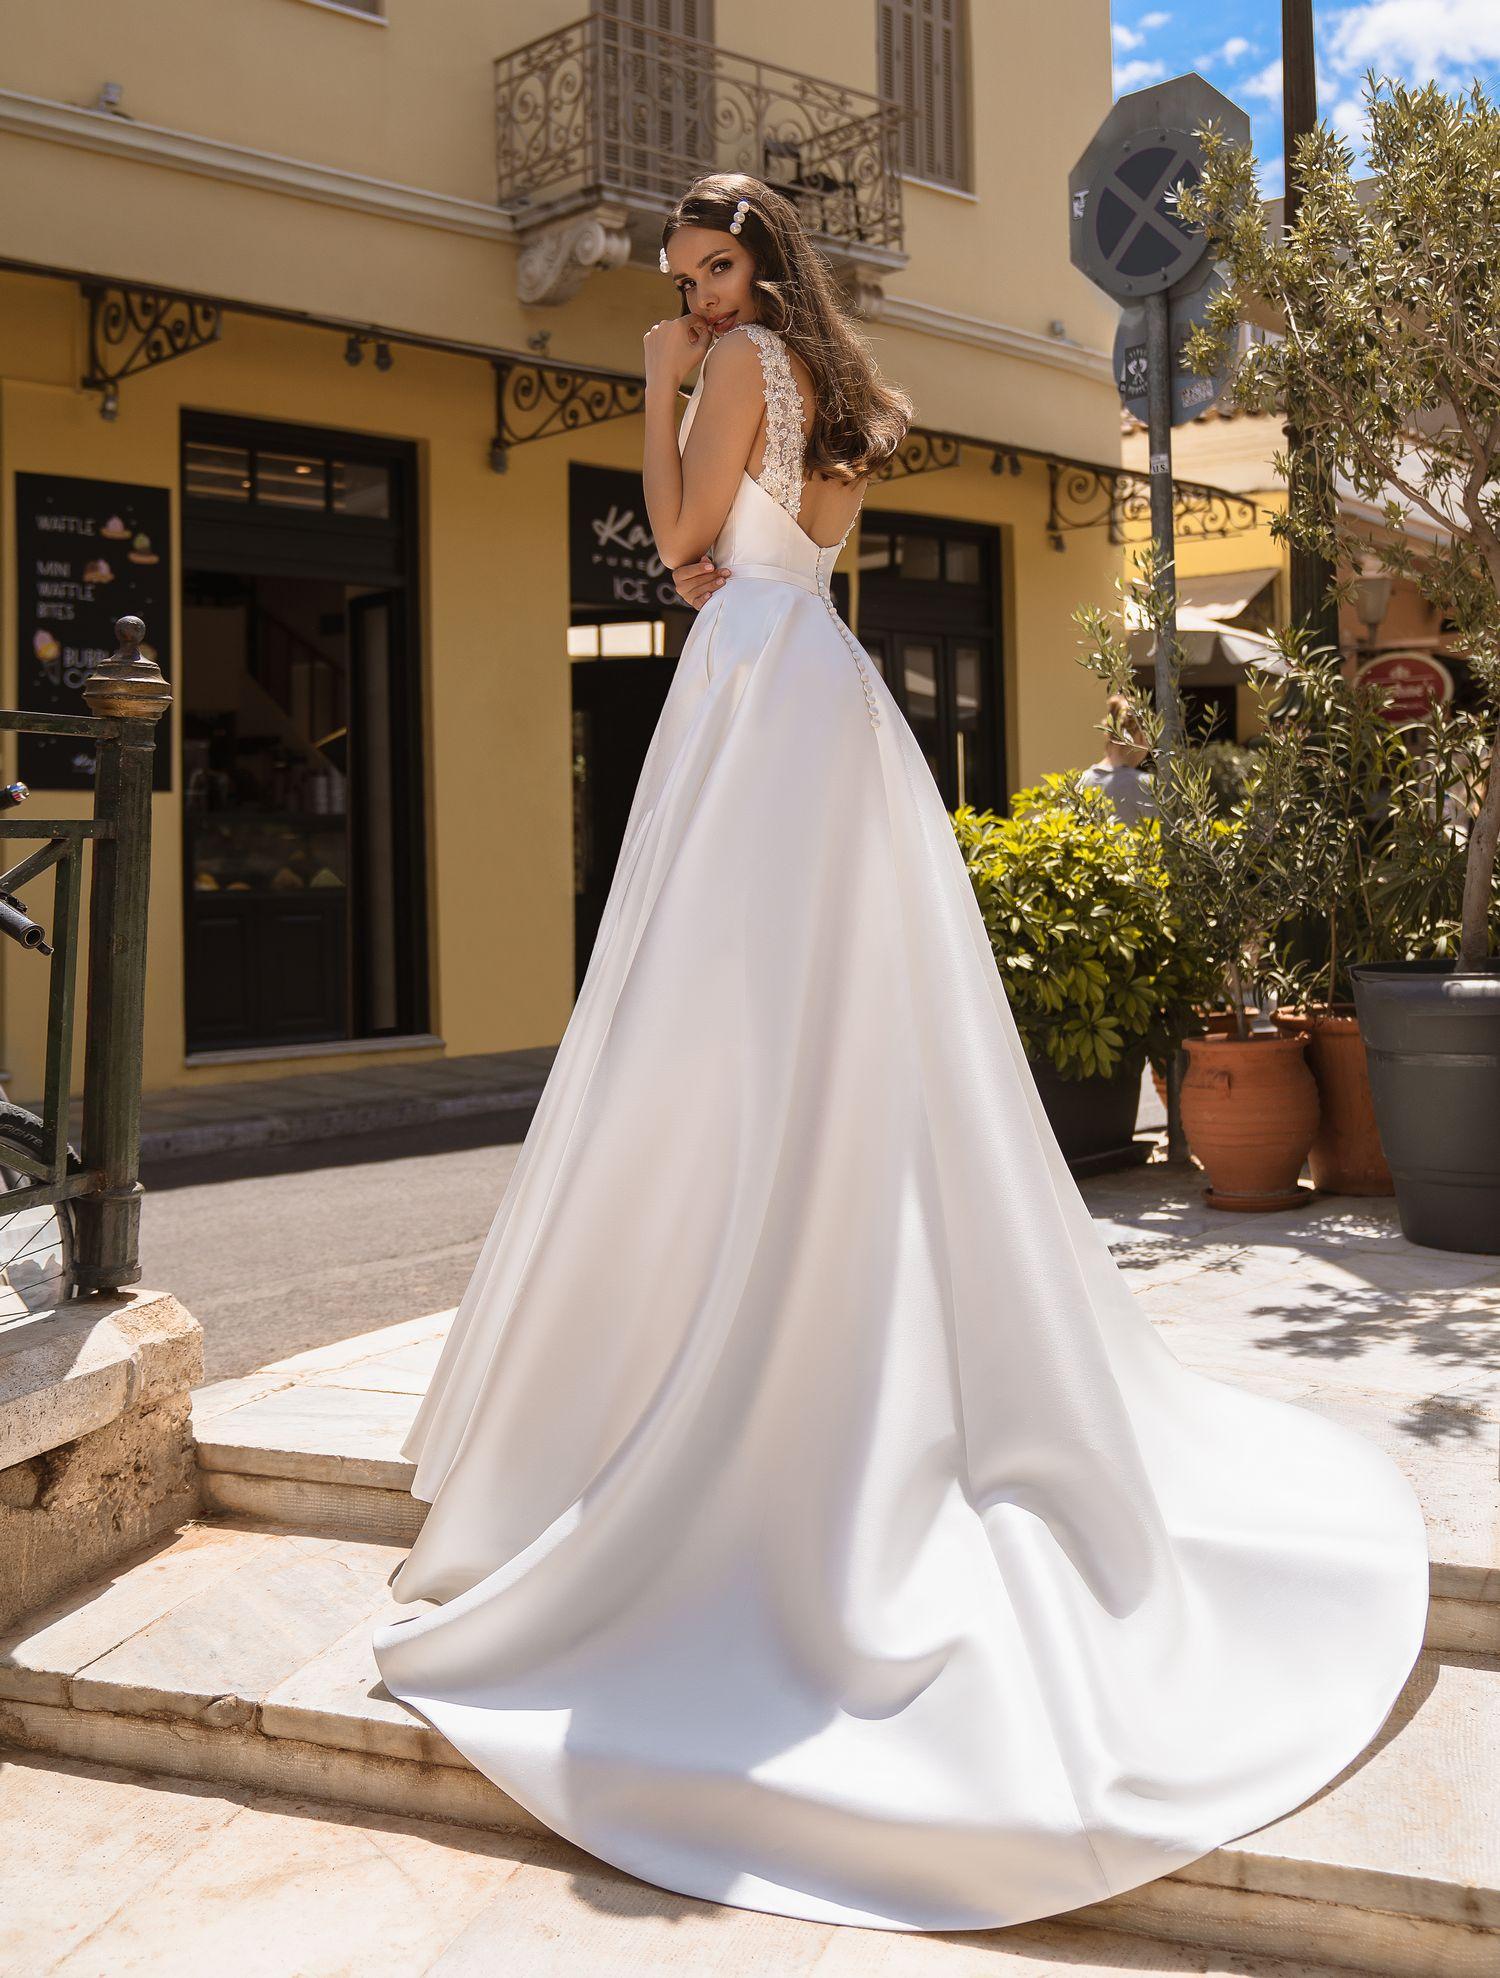 Весільна сукня з кишенями від виробника Supernova оптом-1